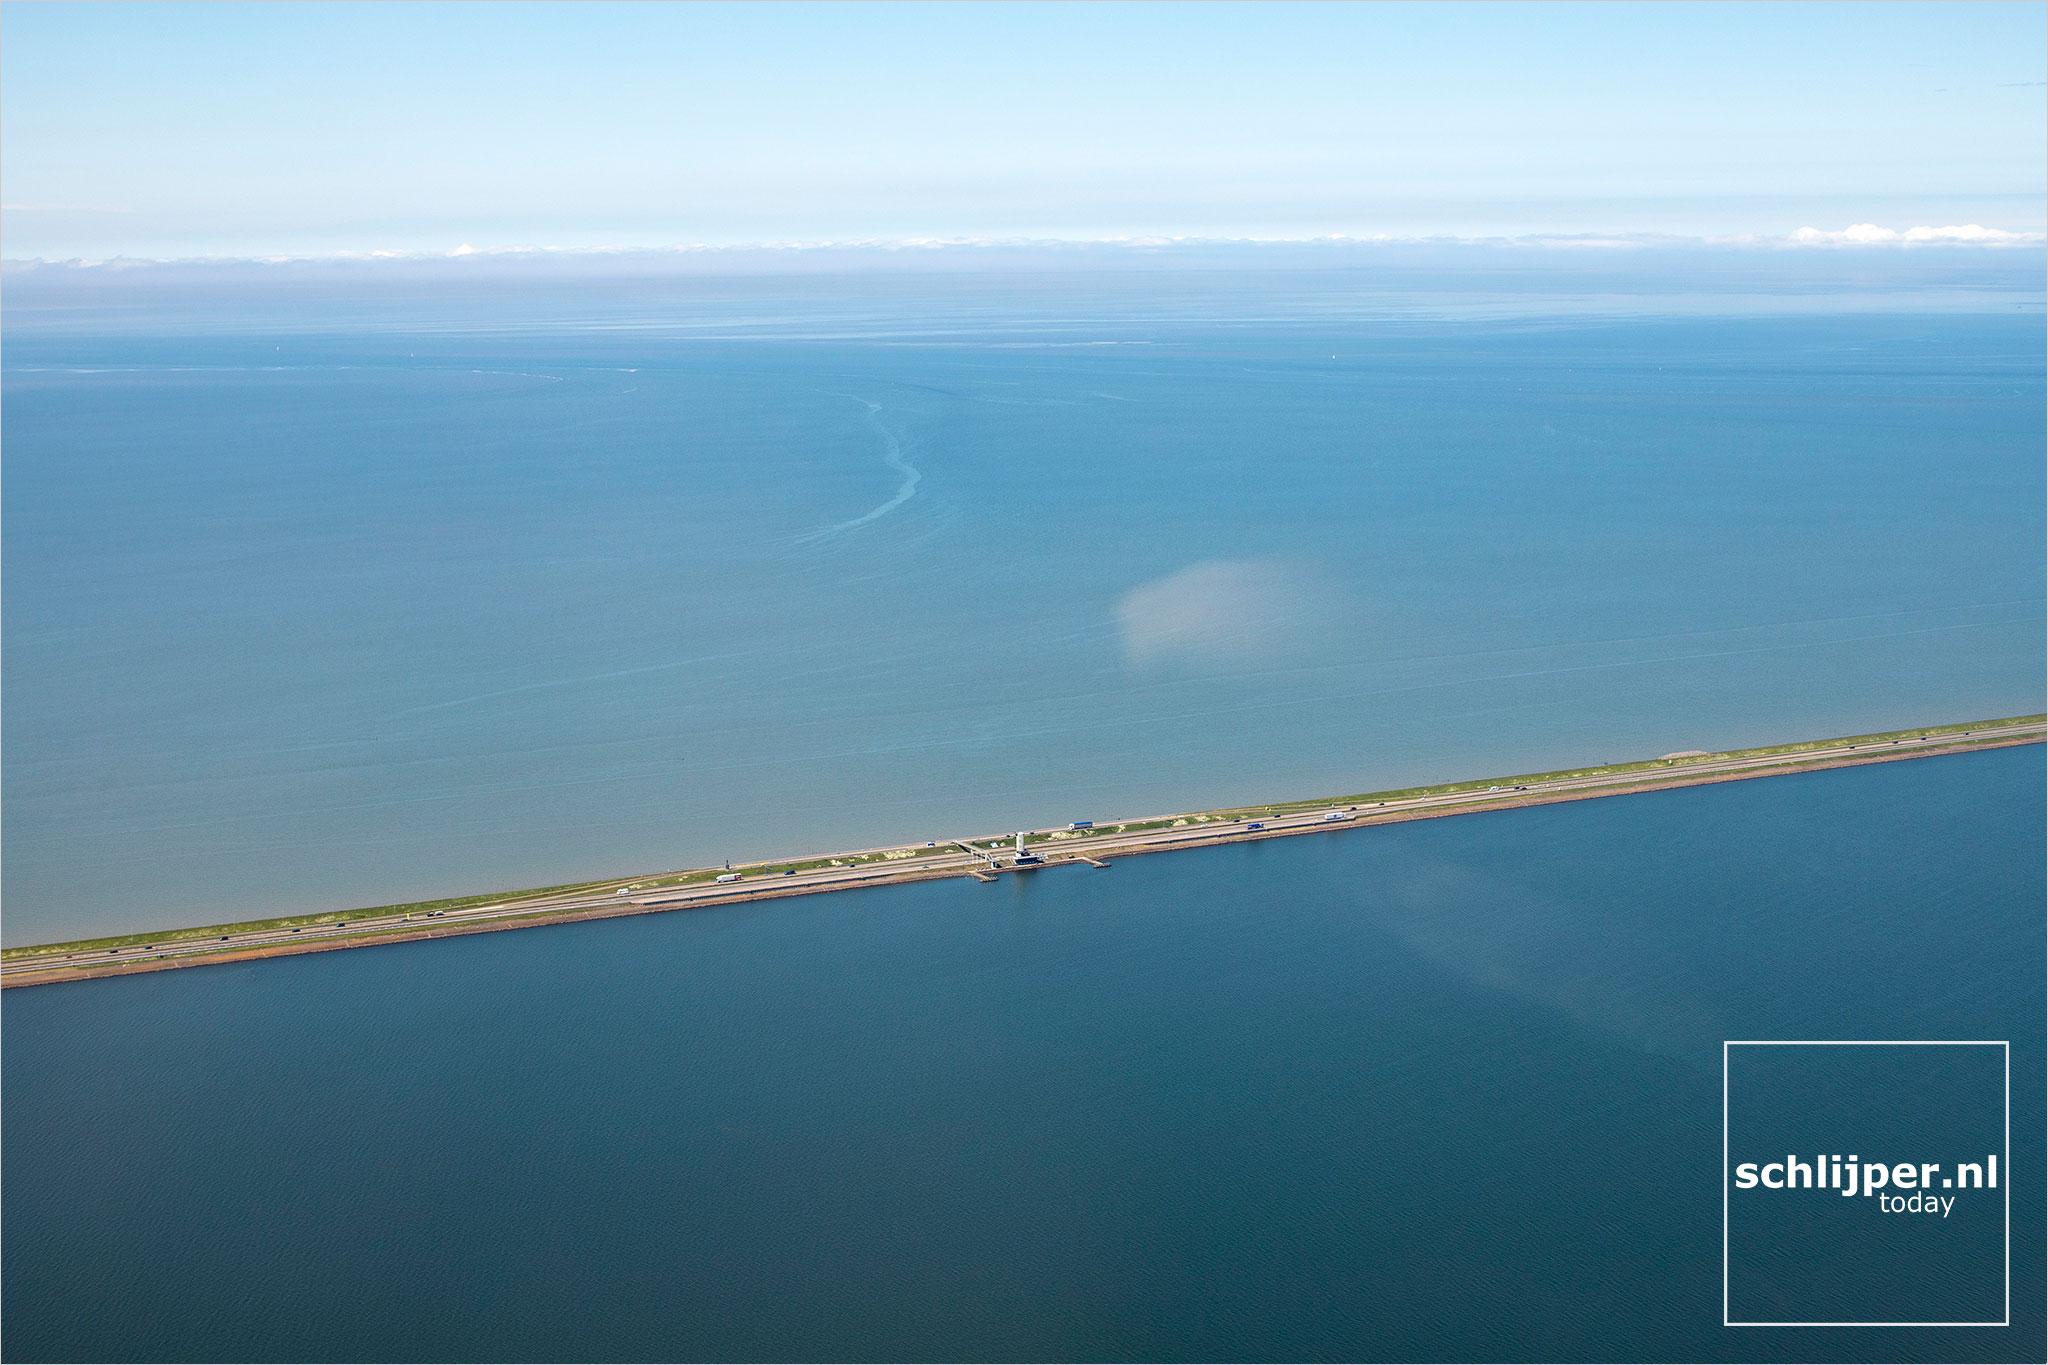 The Netherlands, Afsluitdijk, 28 mei 2021